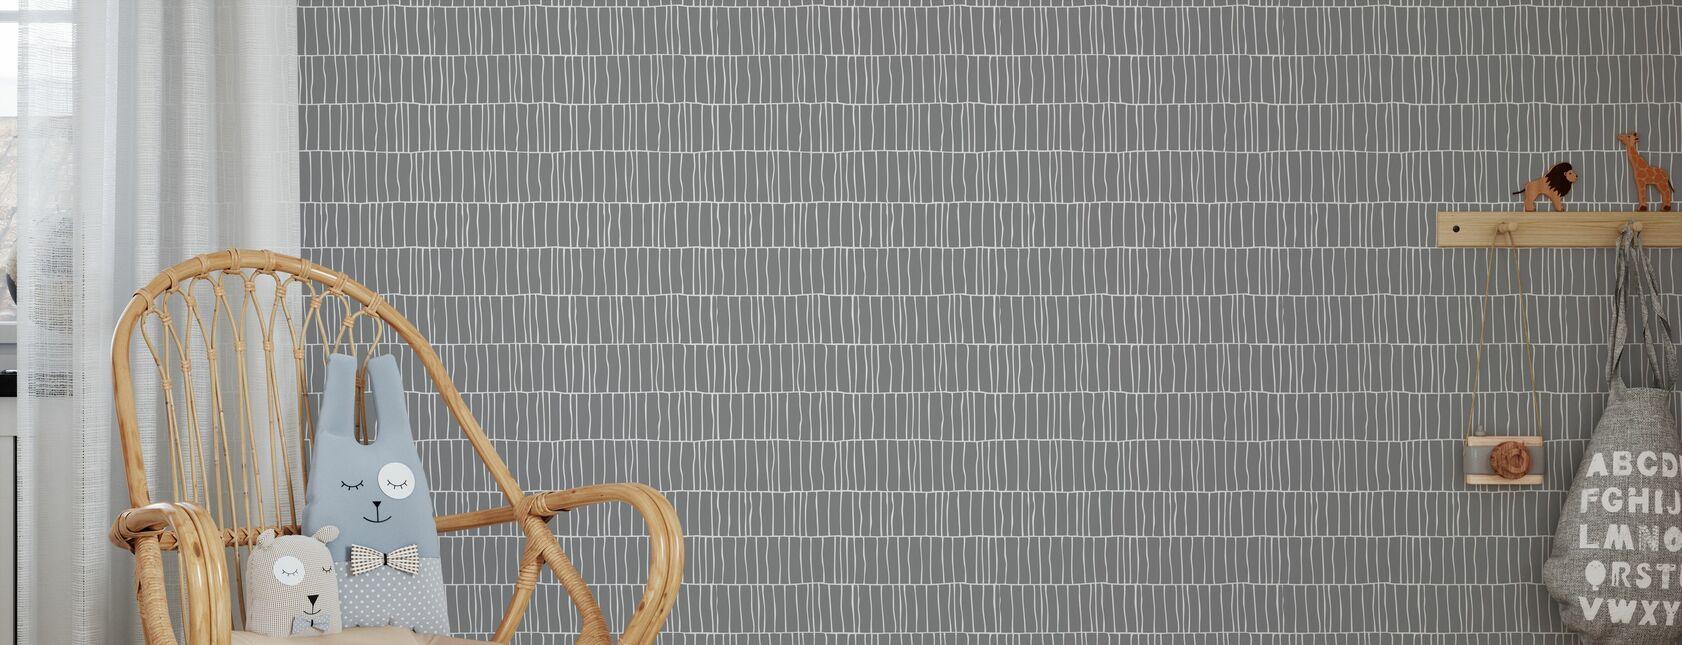 Columns - Steel - Wallpaper - Kids Room